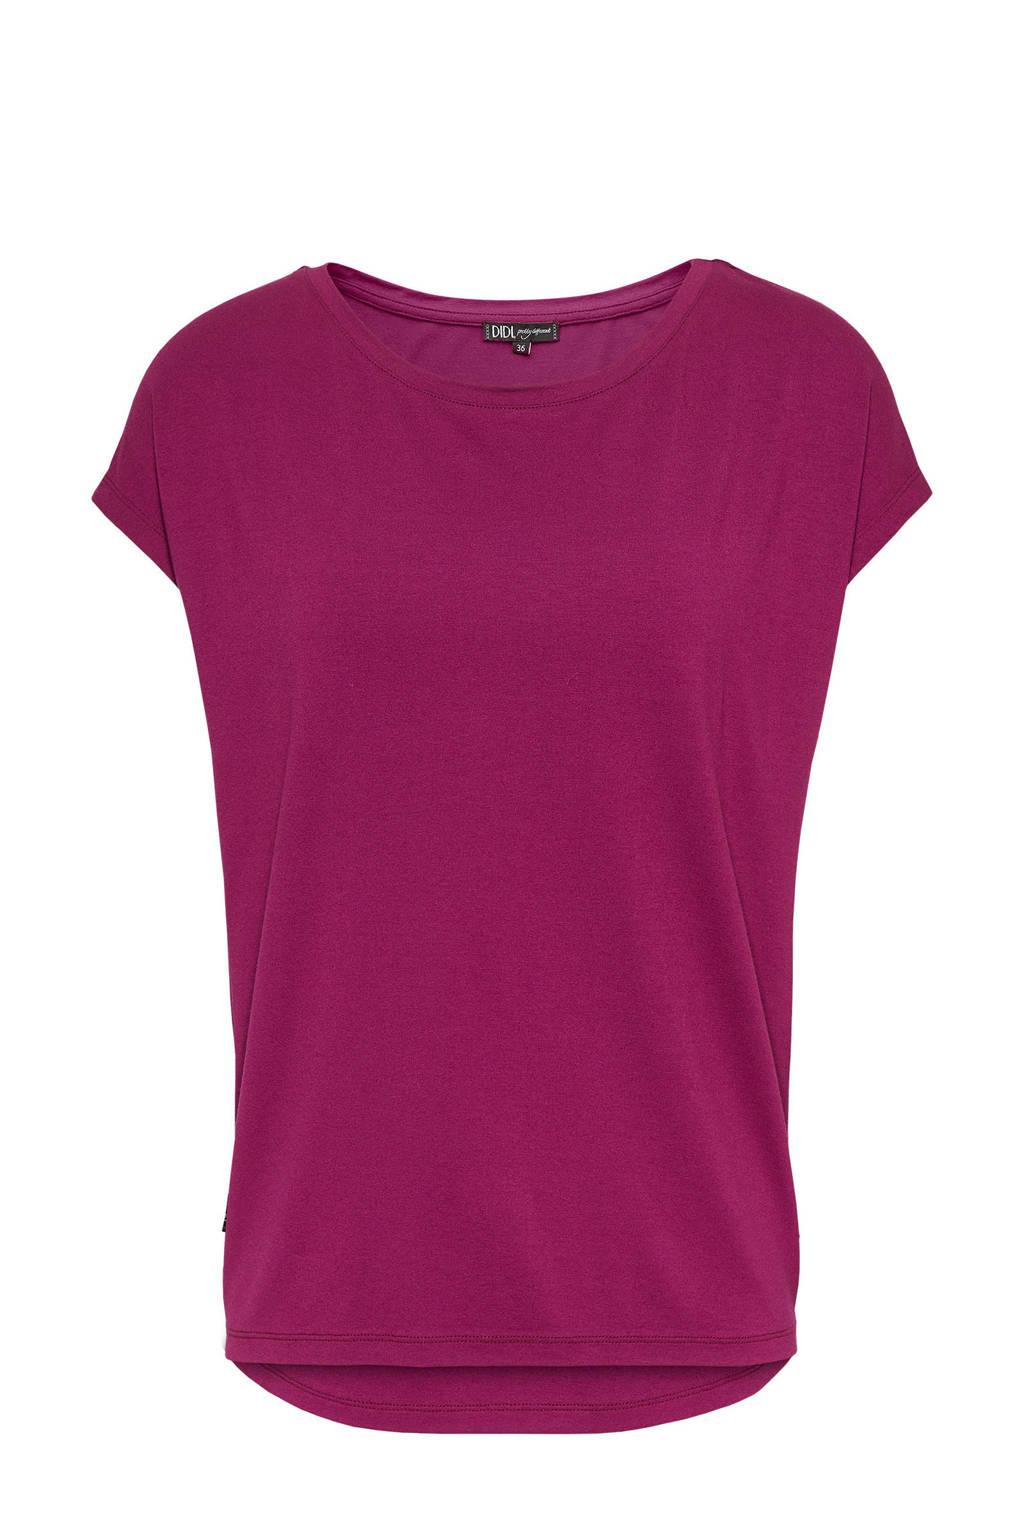 Didi T-shirt donkerrood, Donkerrood